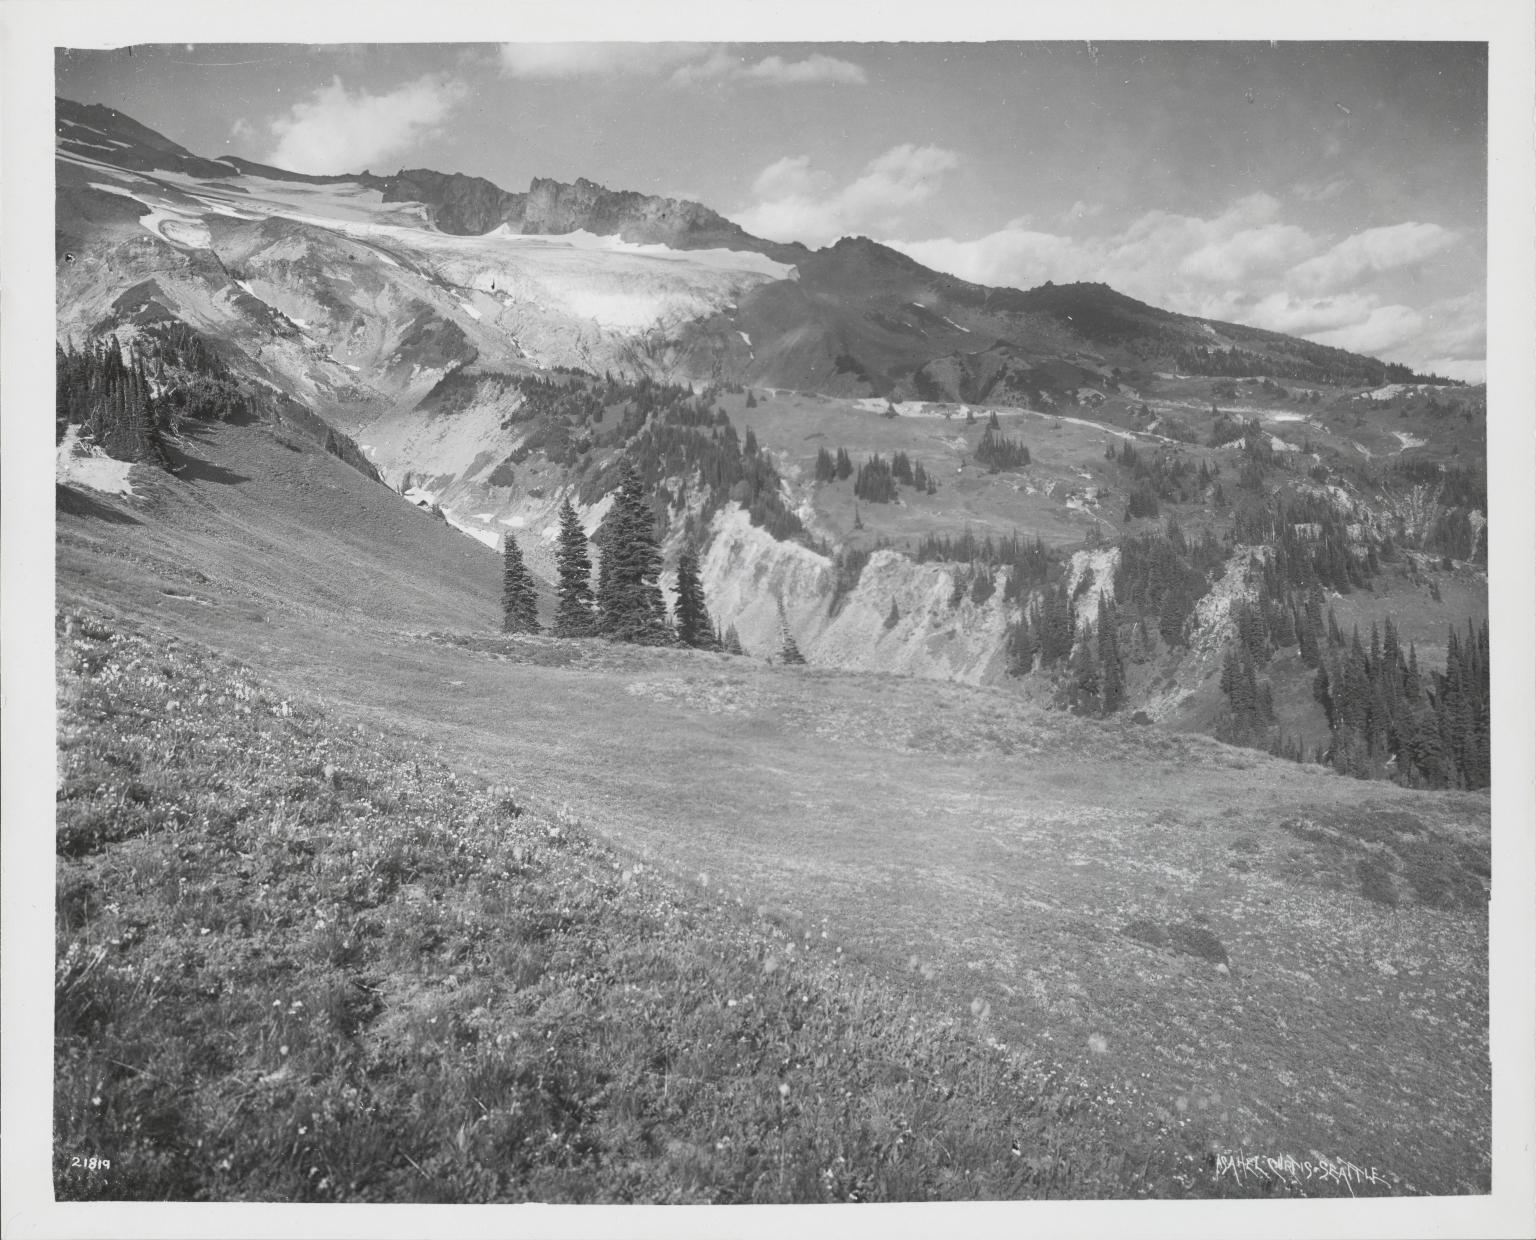 Van Trump Glacier, Washington